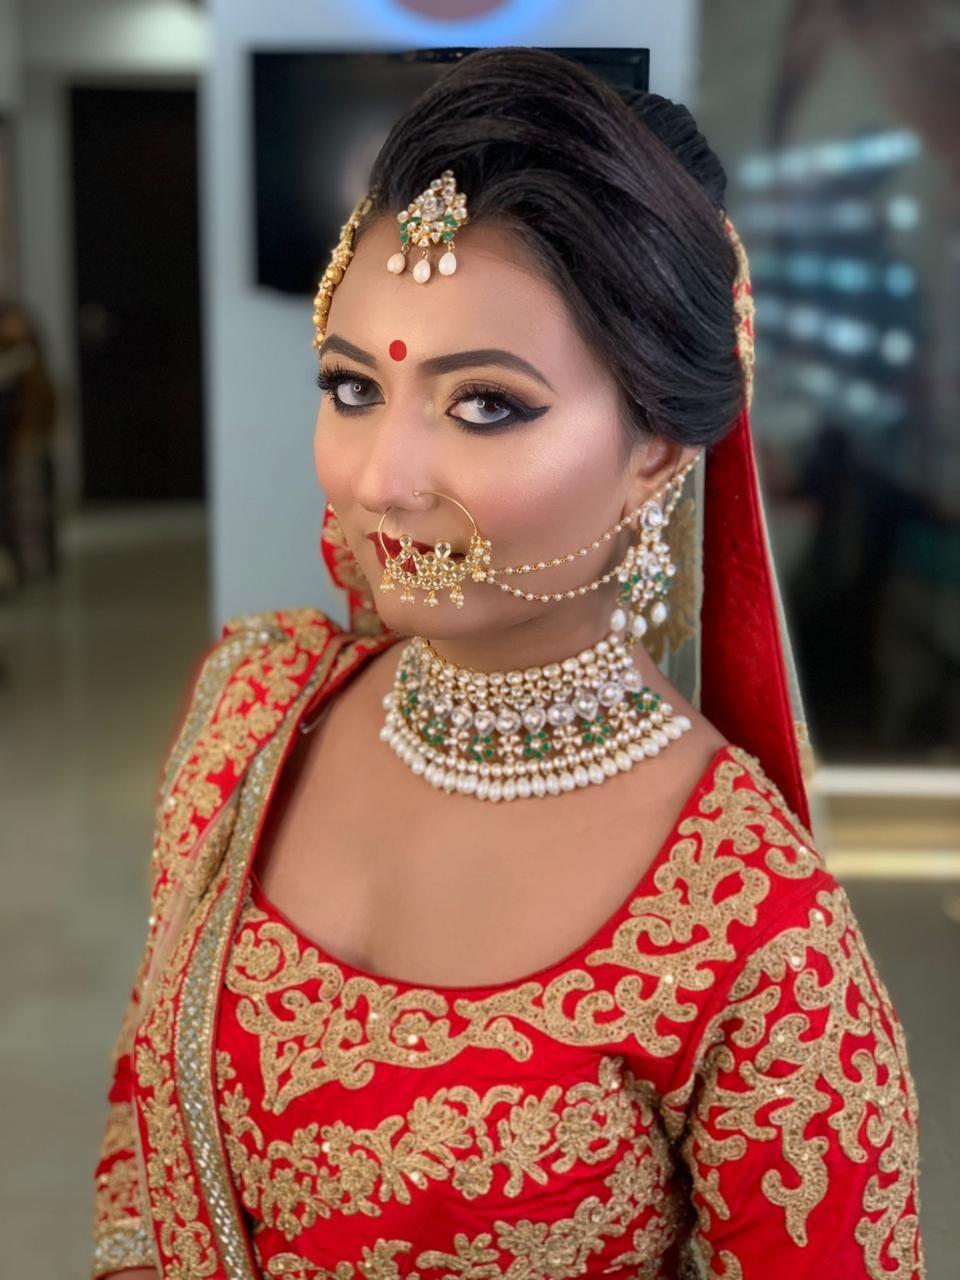 Bridal makeup done at this beautiful girl by Meenakshi